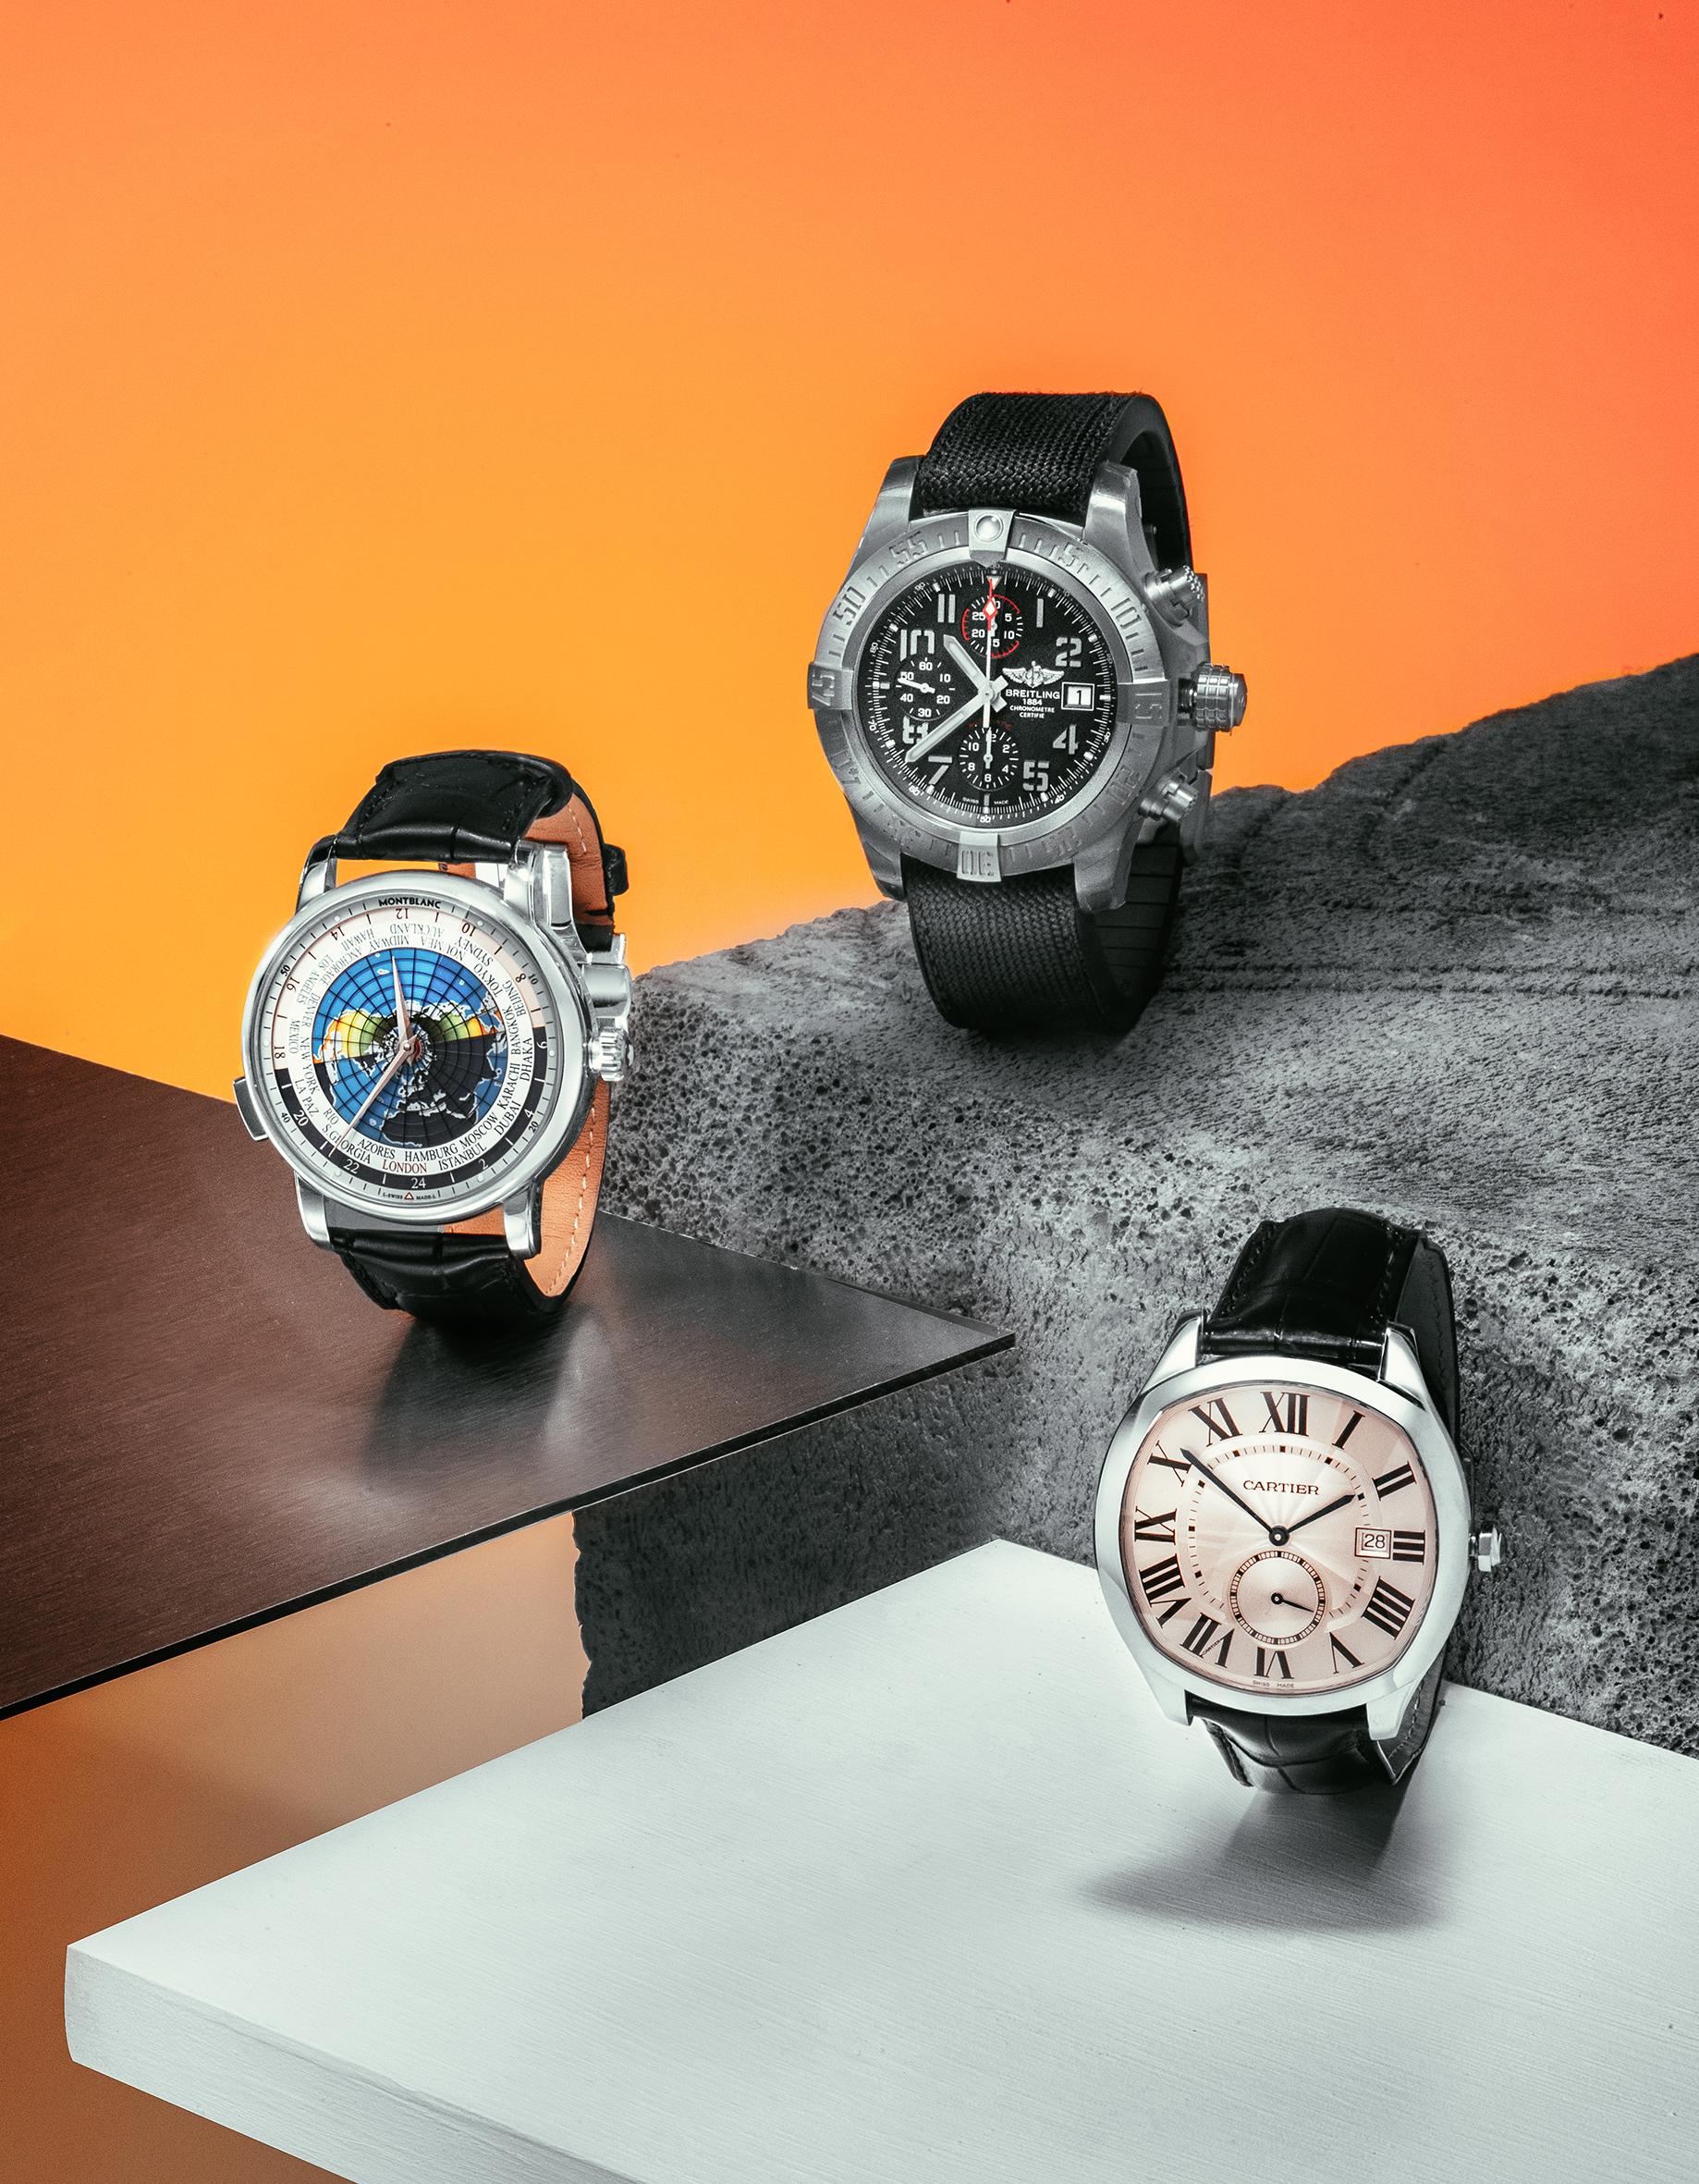 ES-watches-main plate-dropbox.jpg